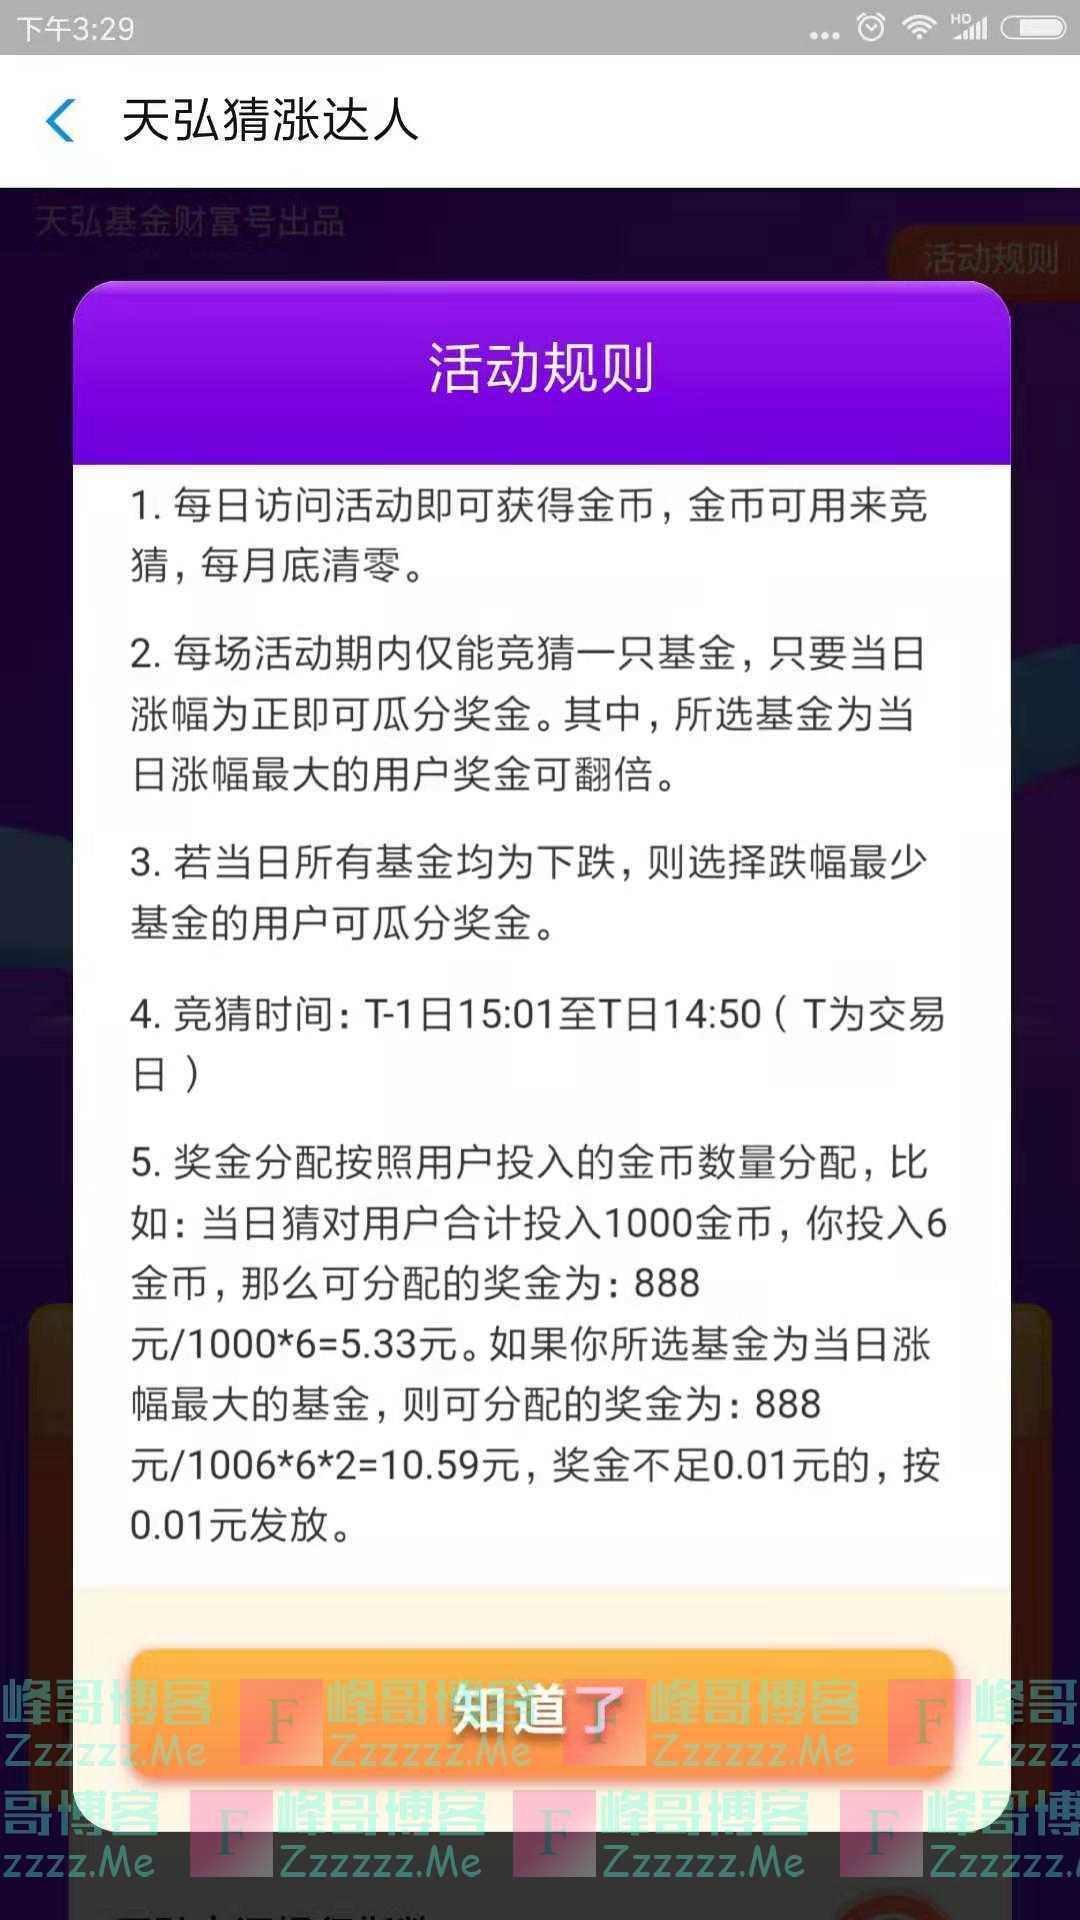 天弘基金天弘猜涨达人 瓜分888元红包(截止不详)